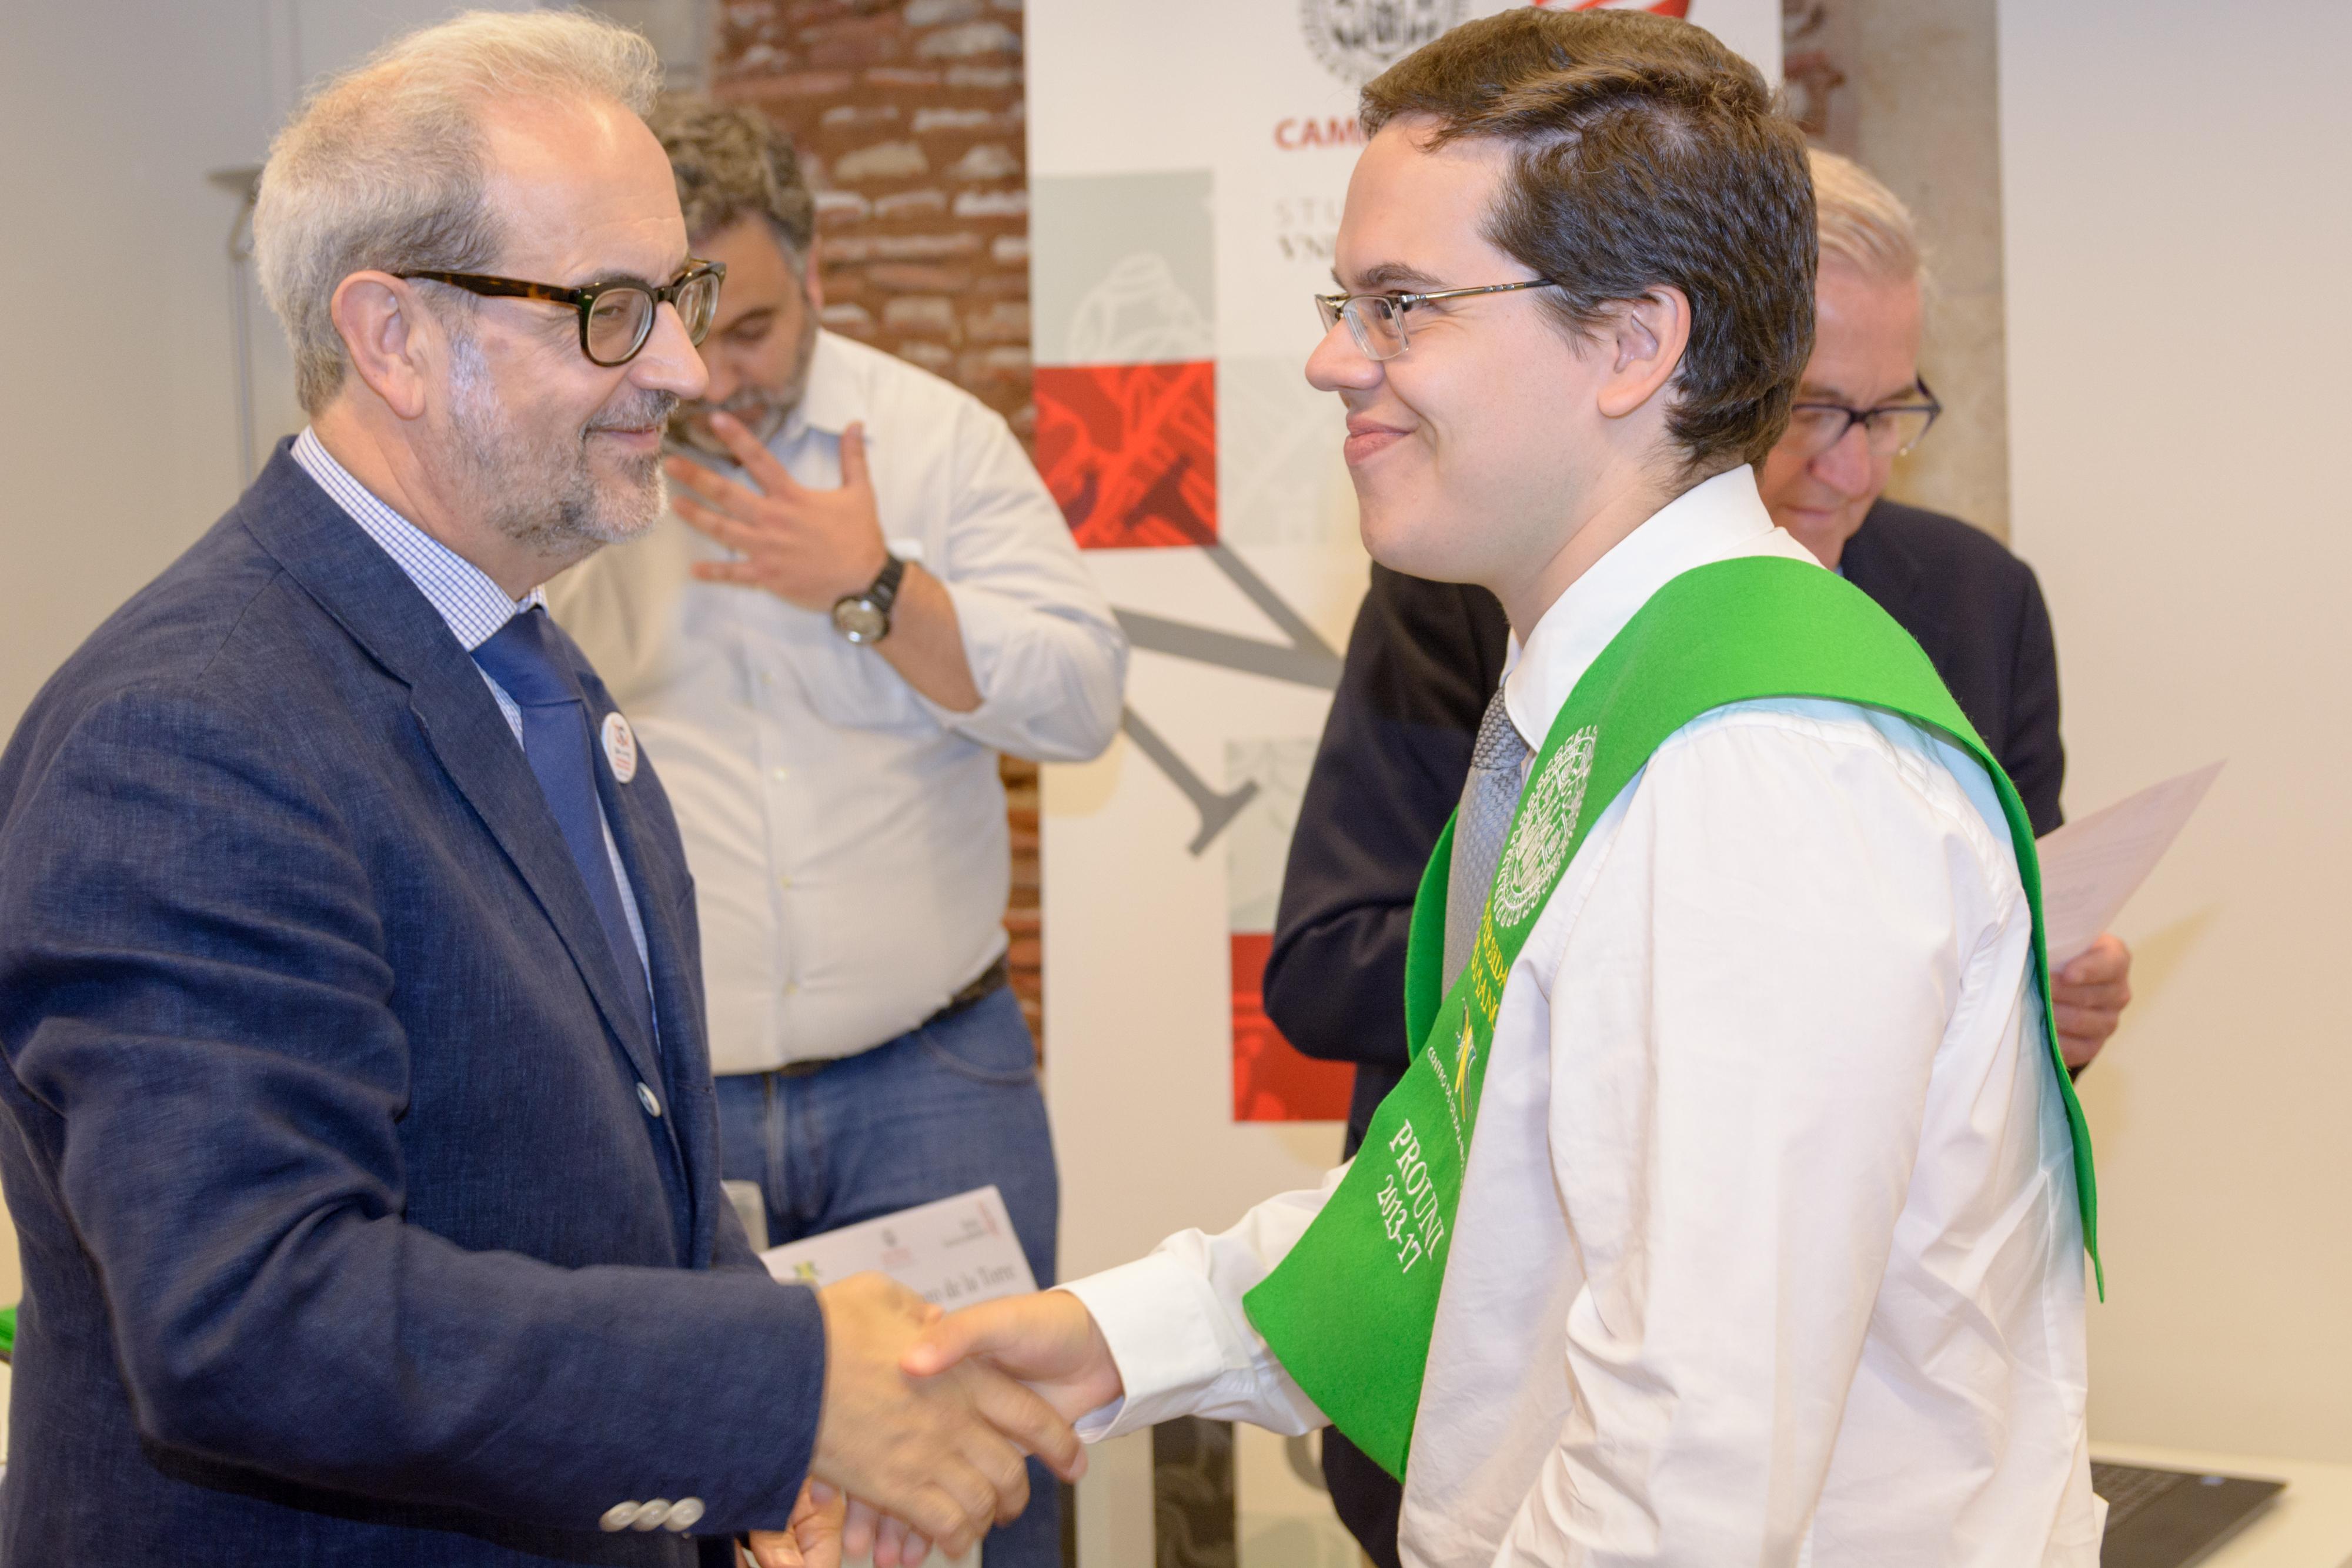 Diez alumnos brasileños del programa Prouni celebran su graduación en la Universidad de Salamanca